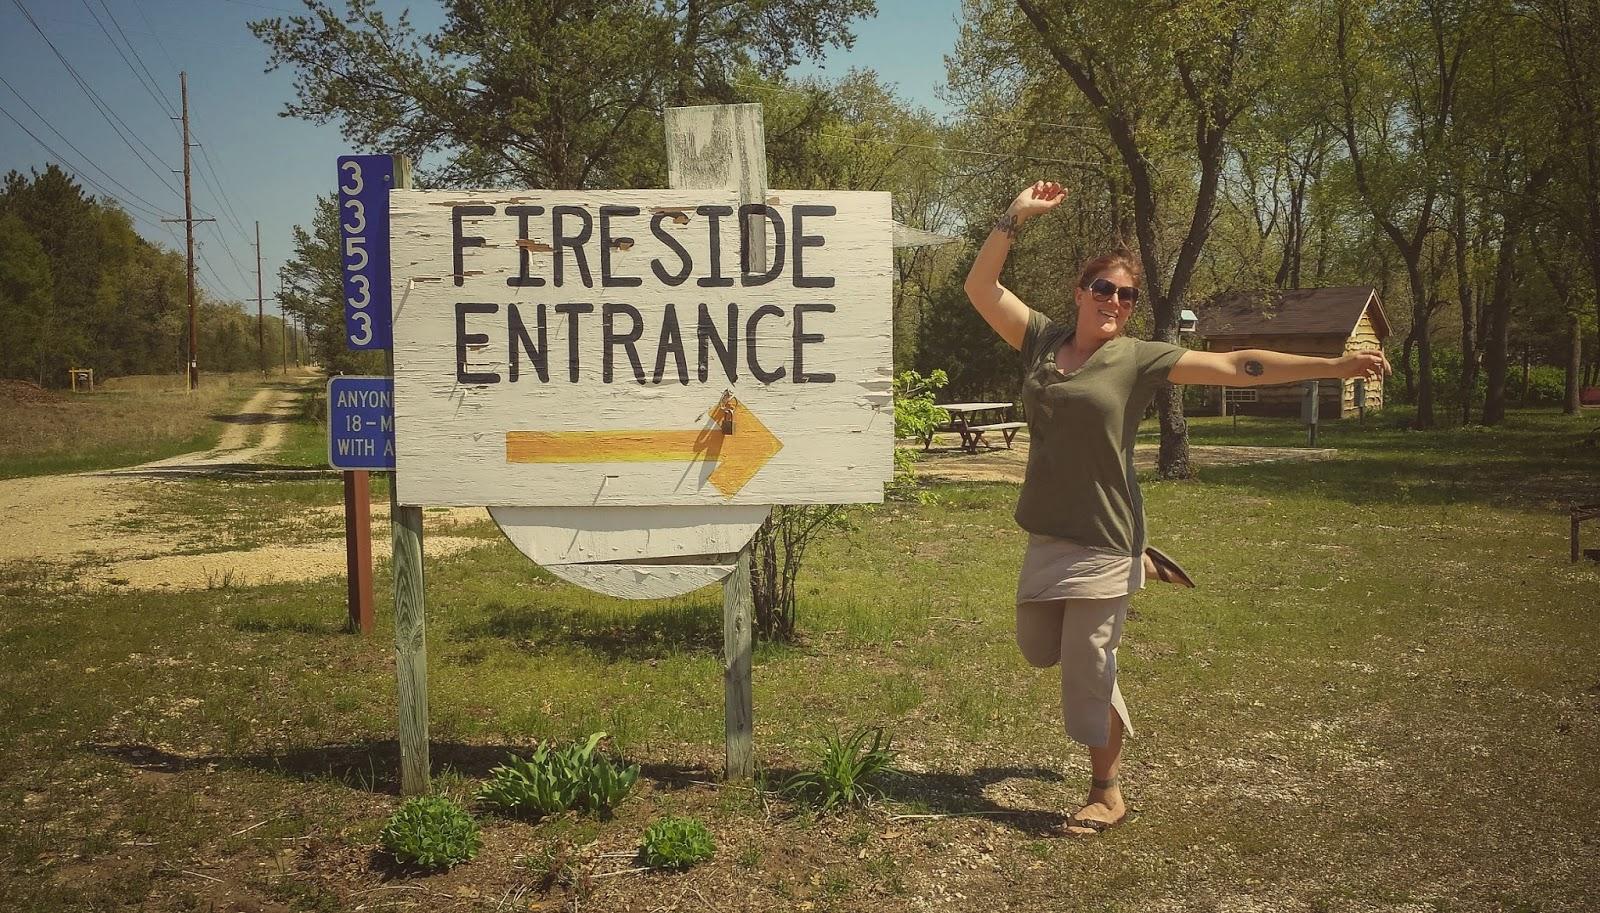 20140518 110338 - Weekend Adventure in Wisconsin